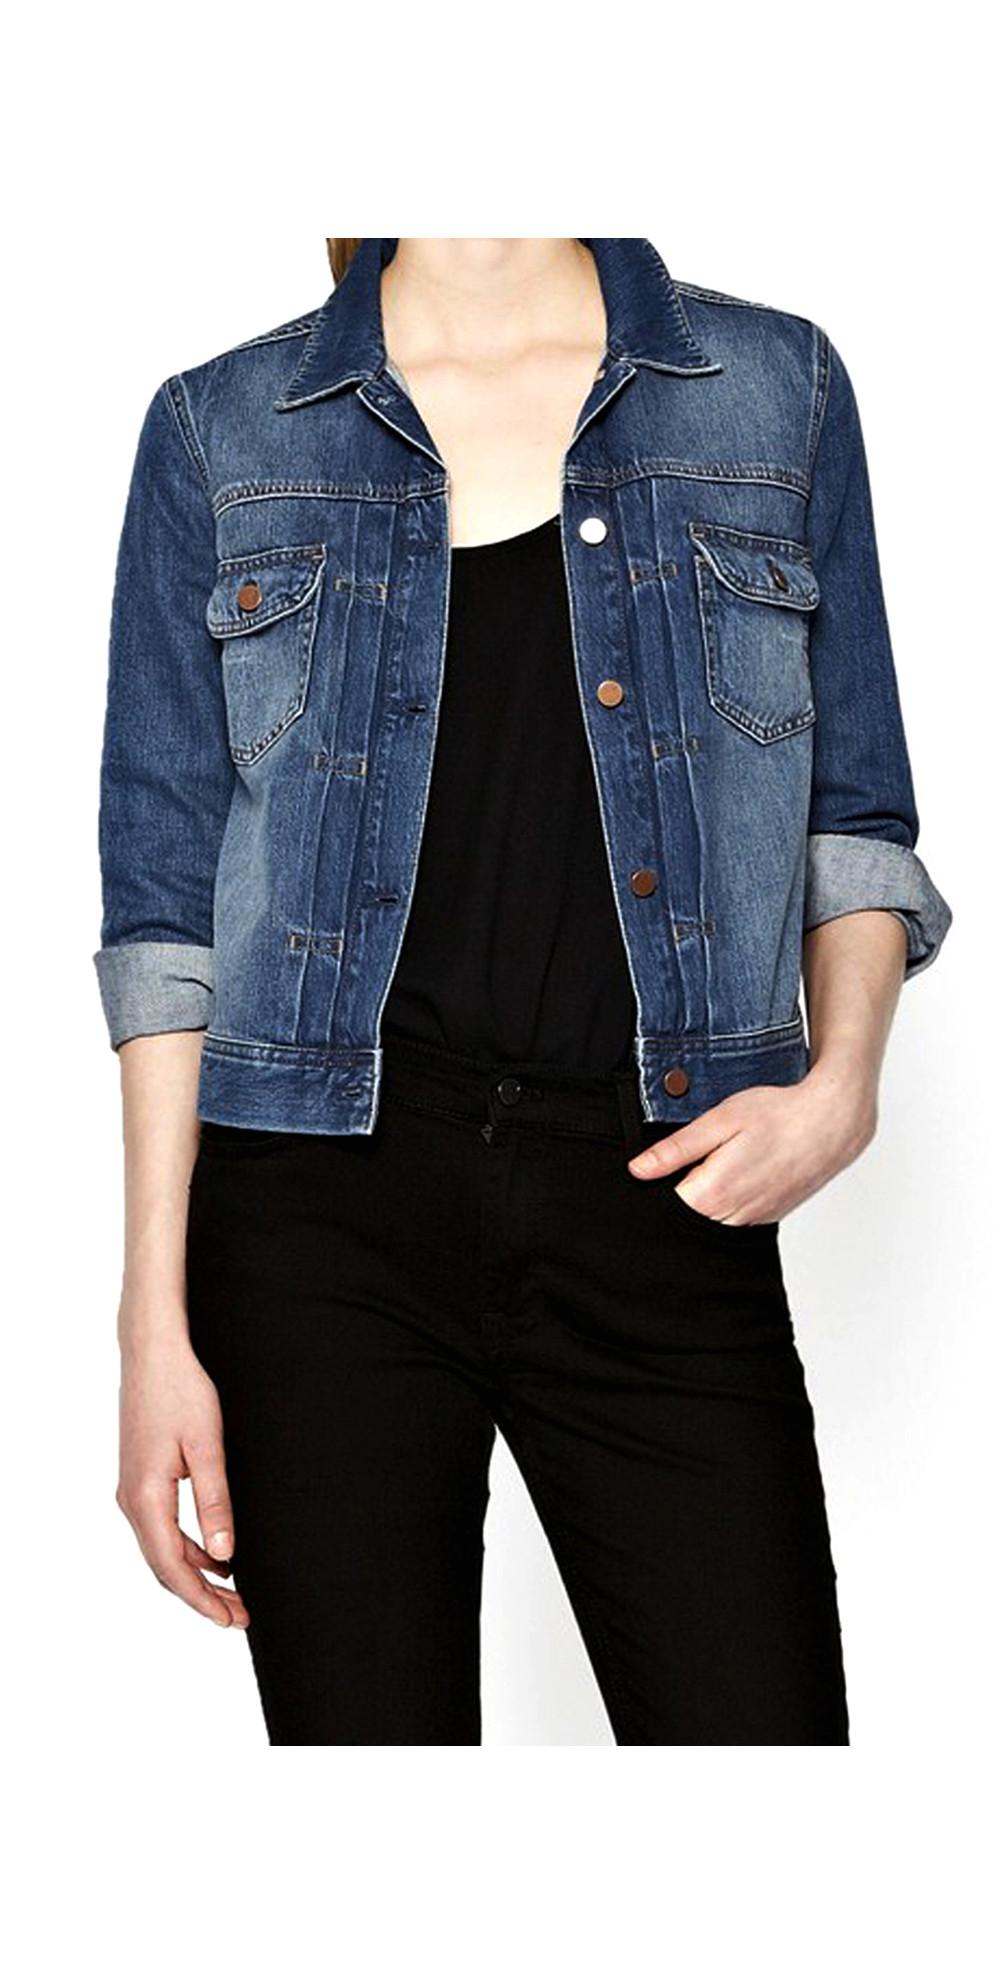 Western Denim Jacket main image